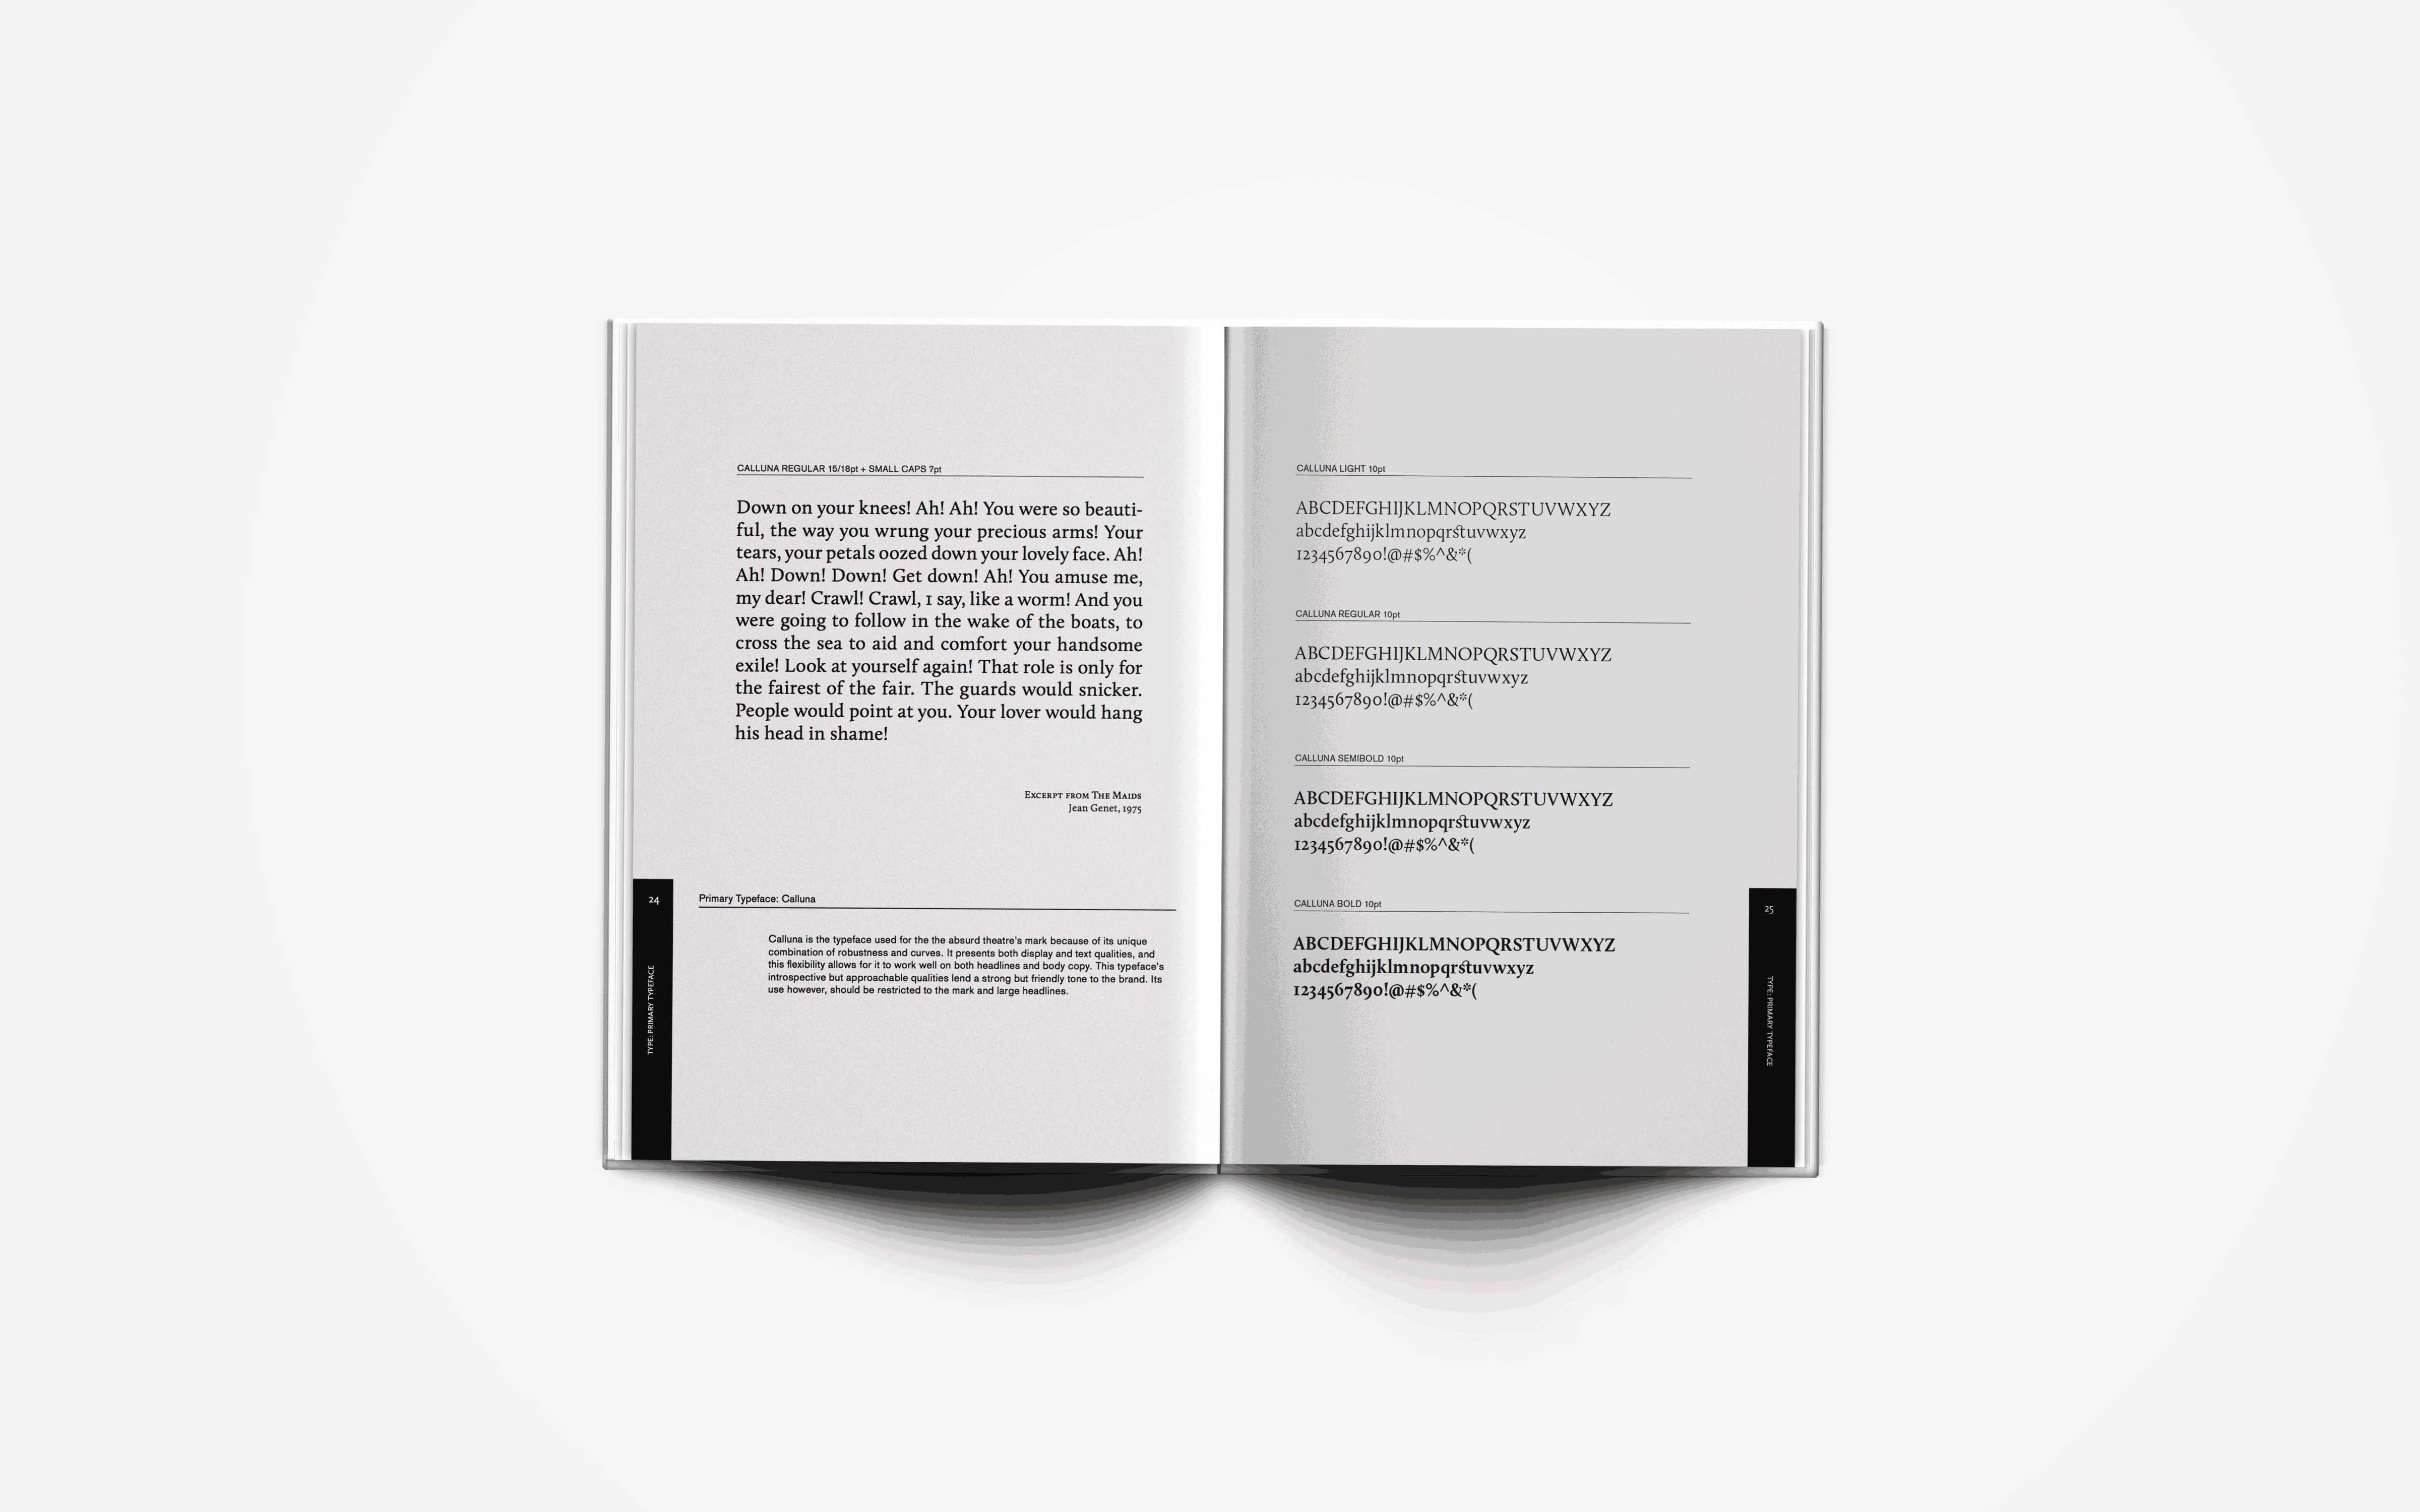 manual-2_0007_Layer 10